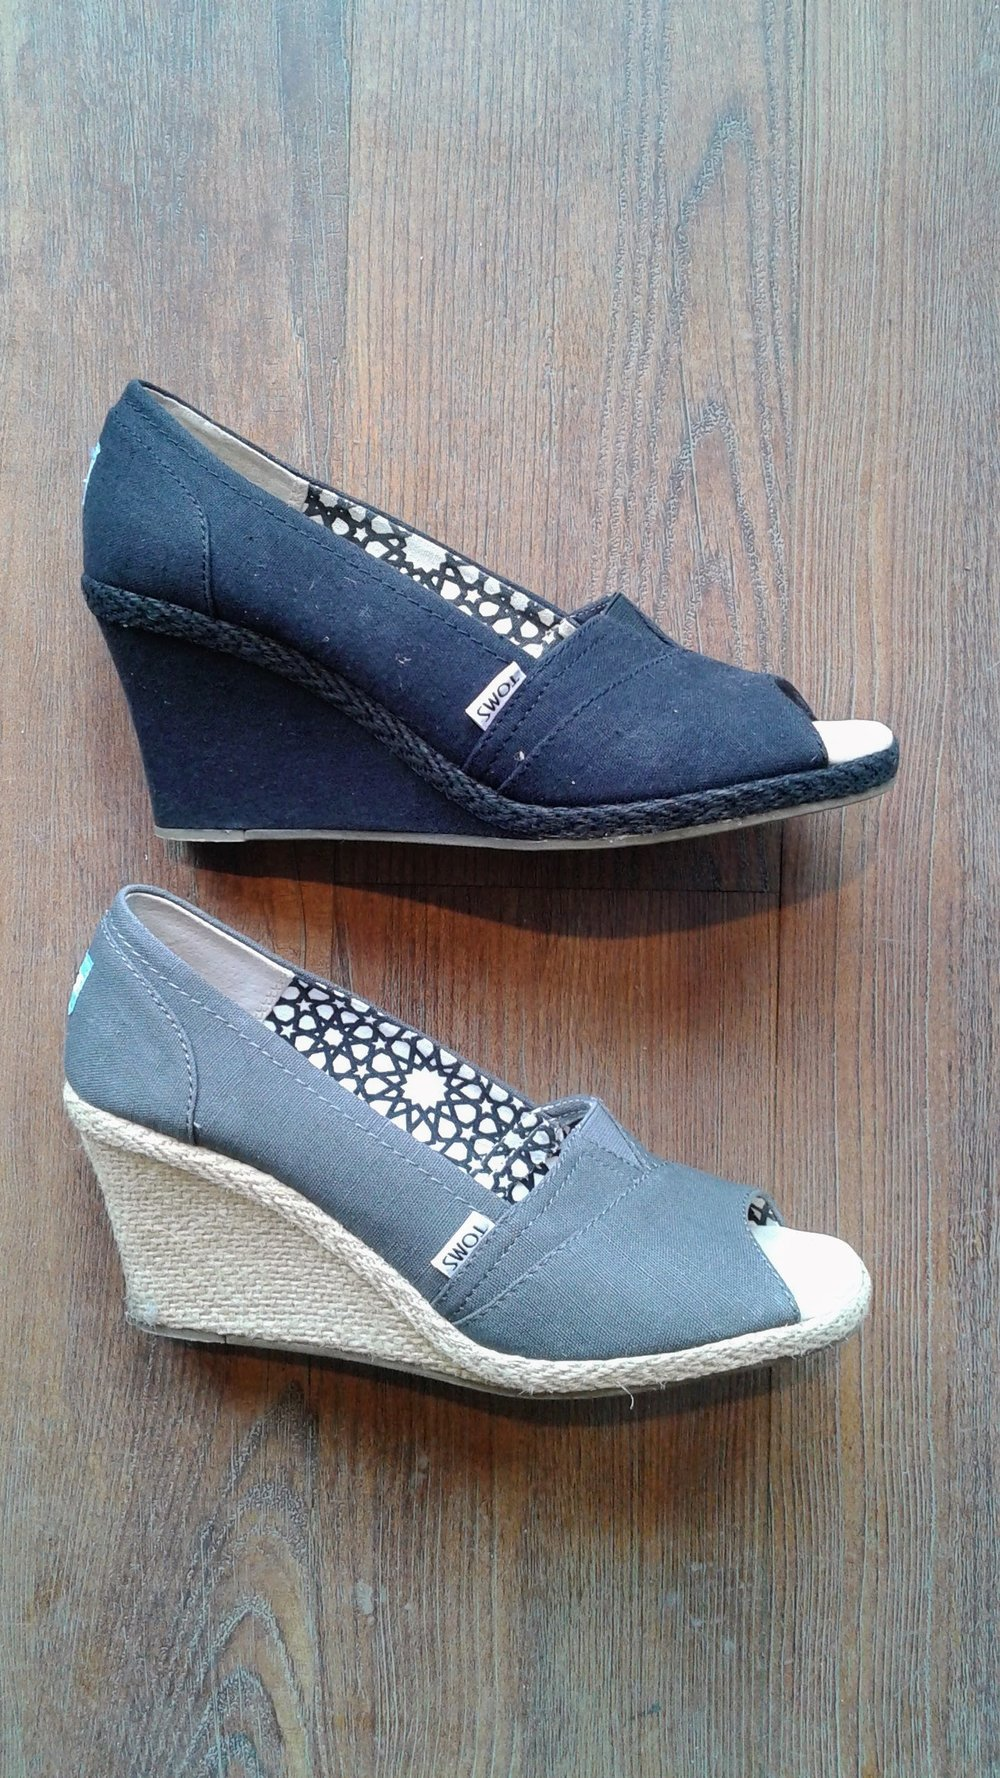 Toms sandals, each; S10, $30